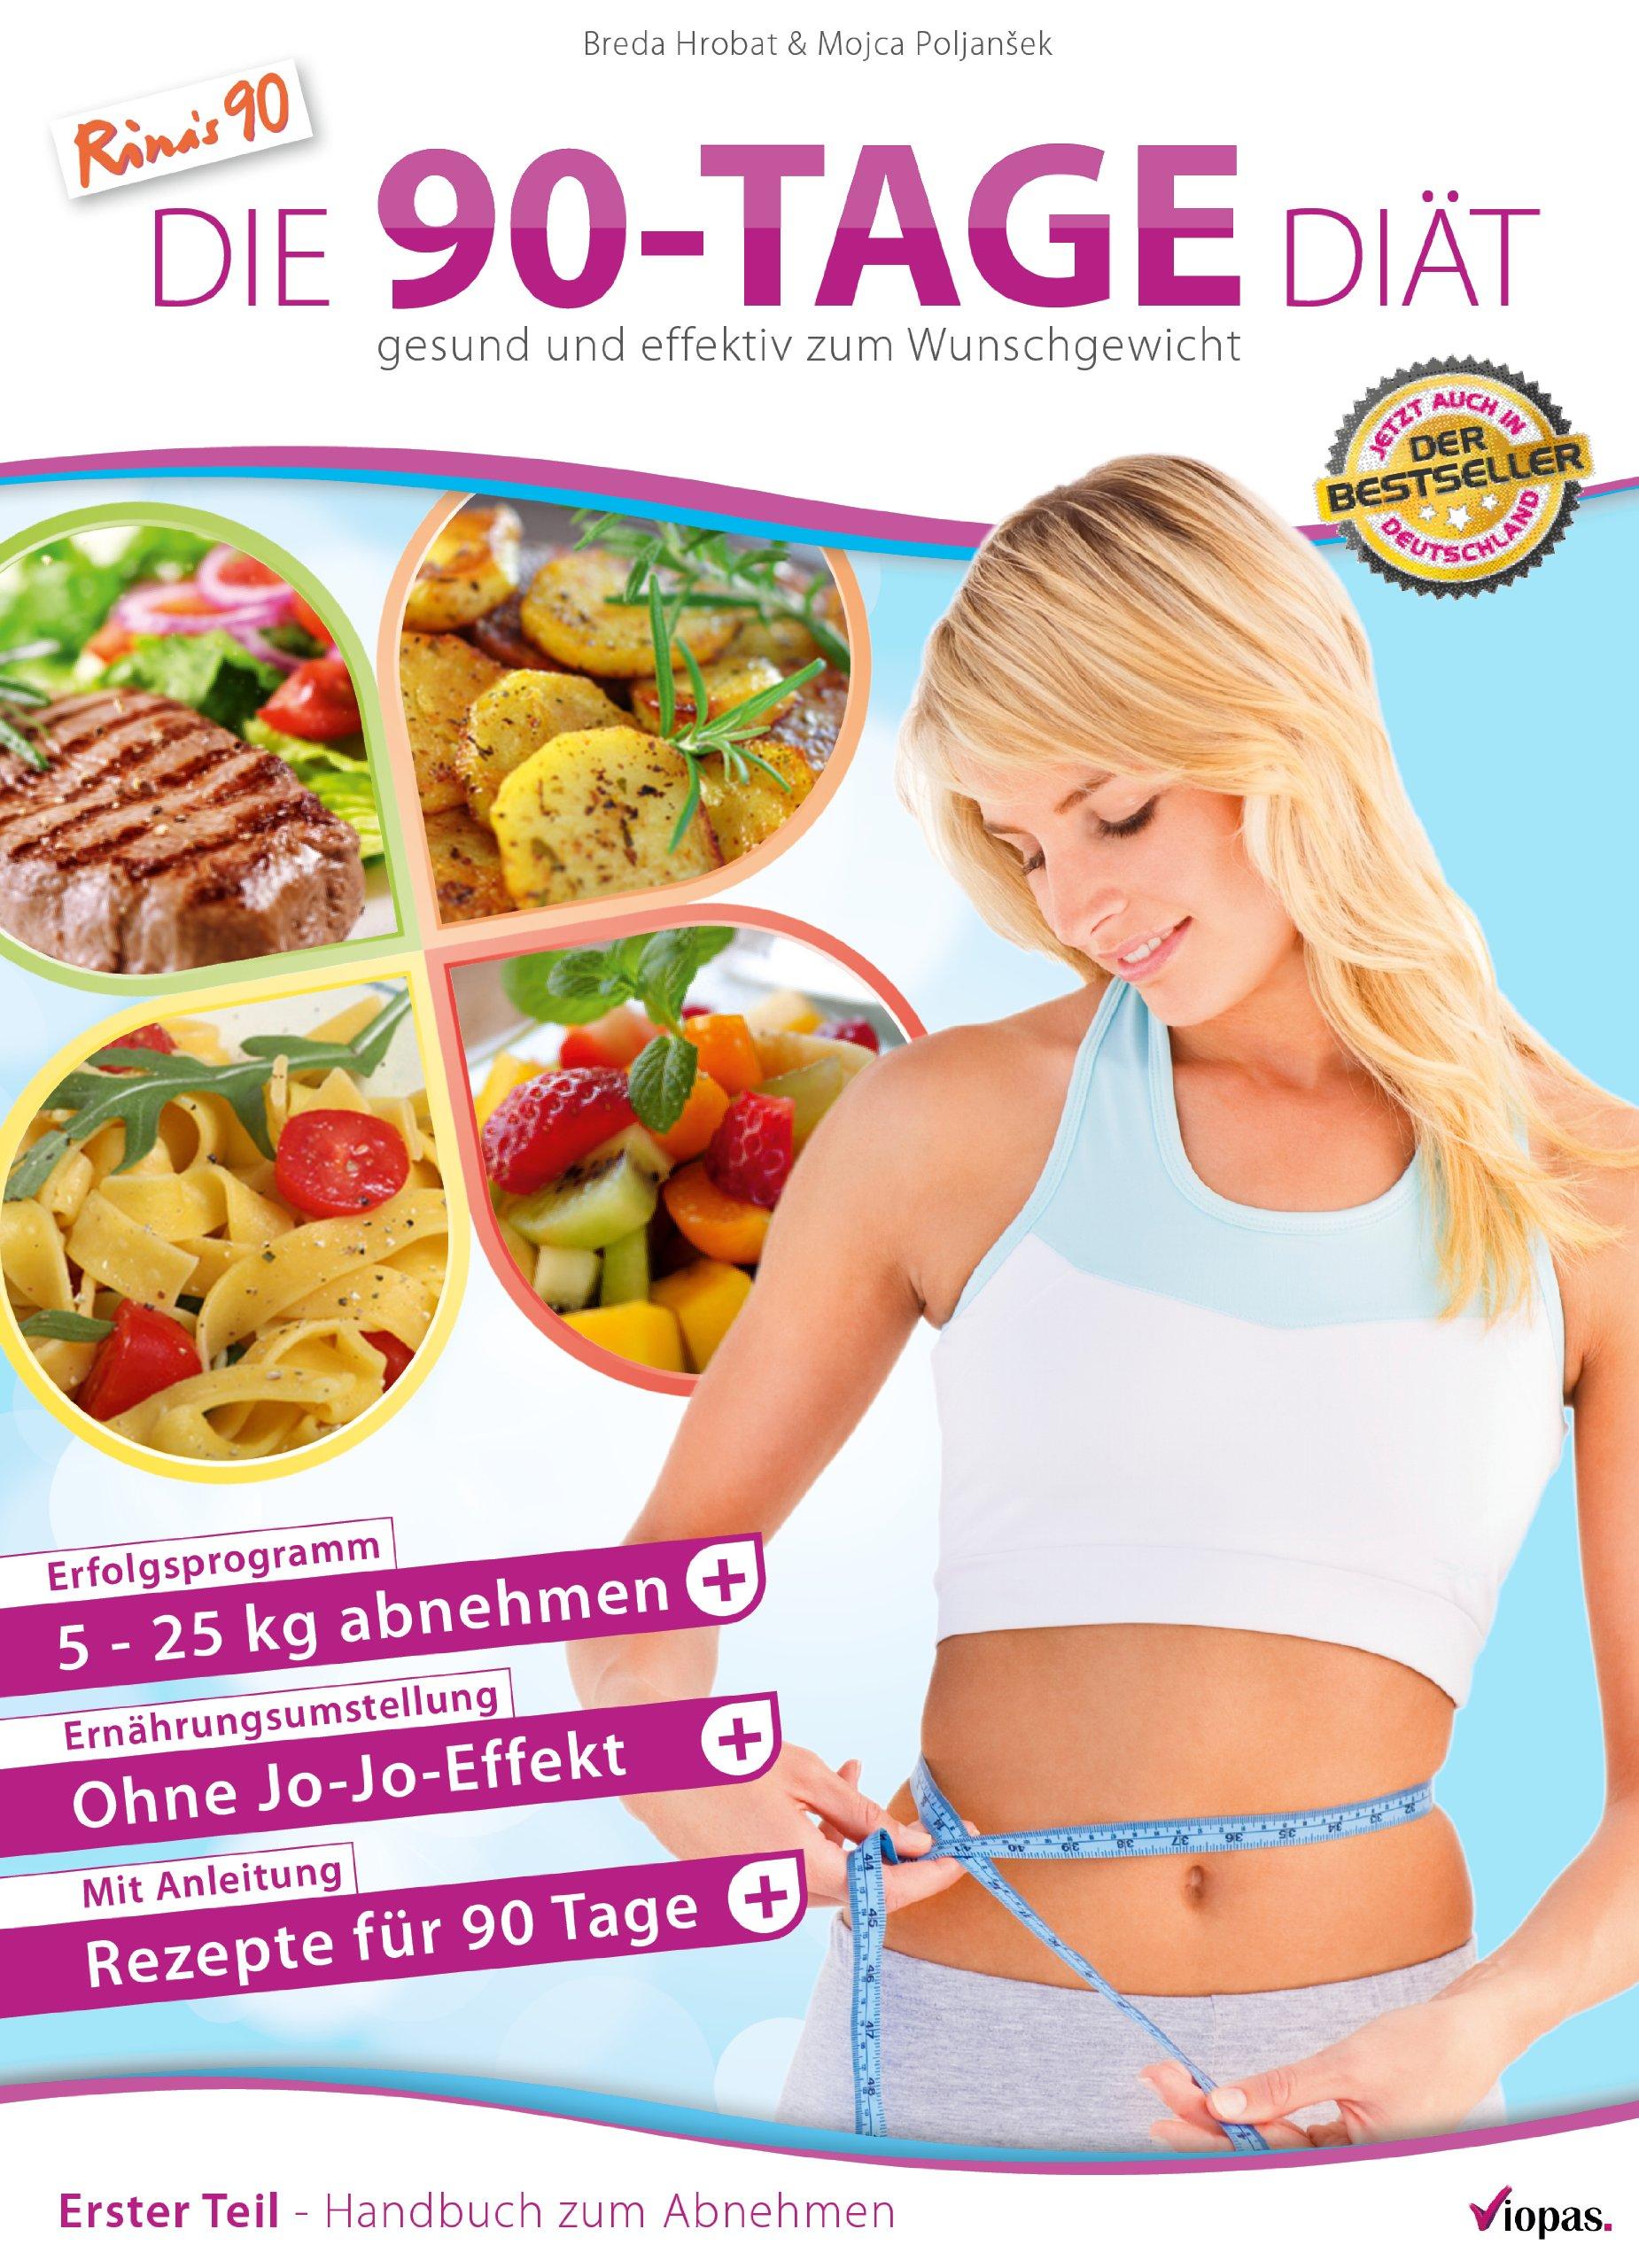 Die 90 Tage Diat Gesund Und Effektiv Zum Wunschgewicht Amazon De